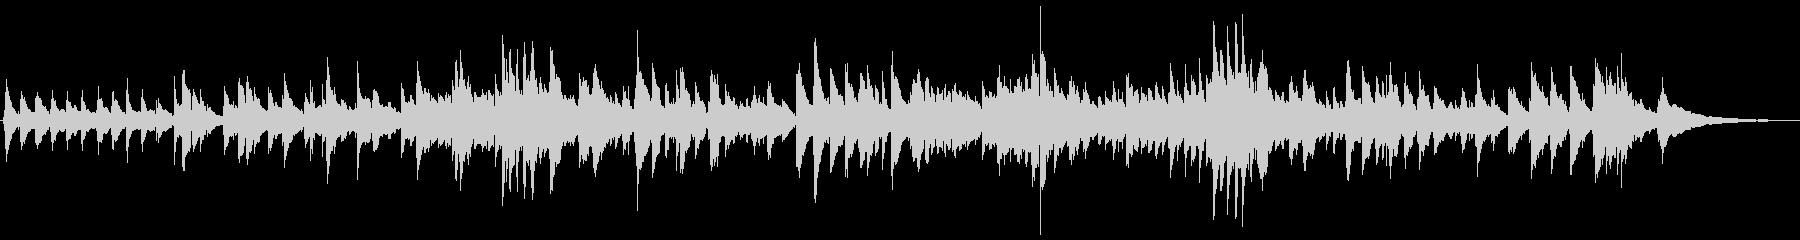 アメイジング・グレイスのギターデュオの未再生の波形